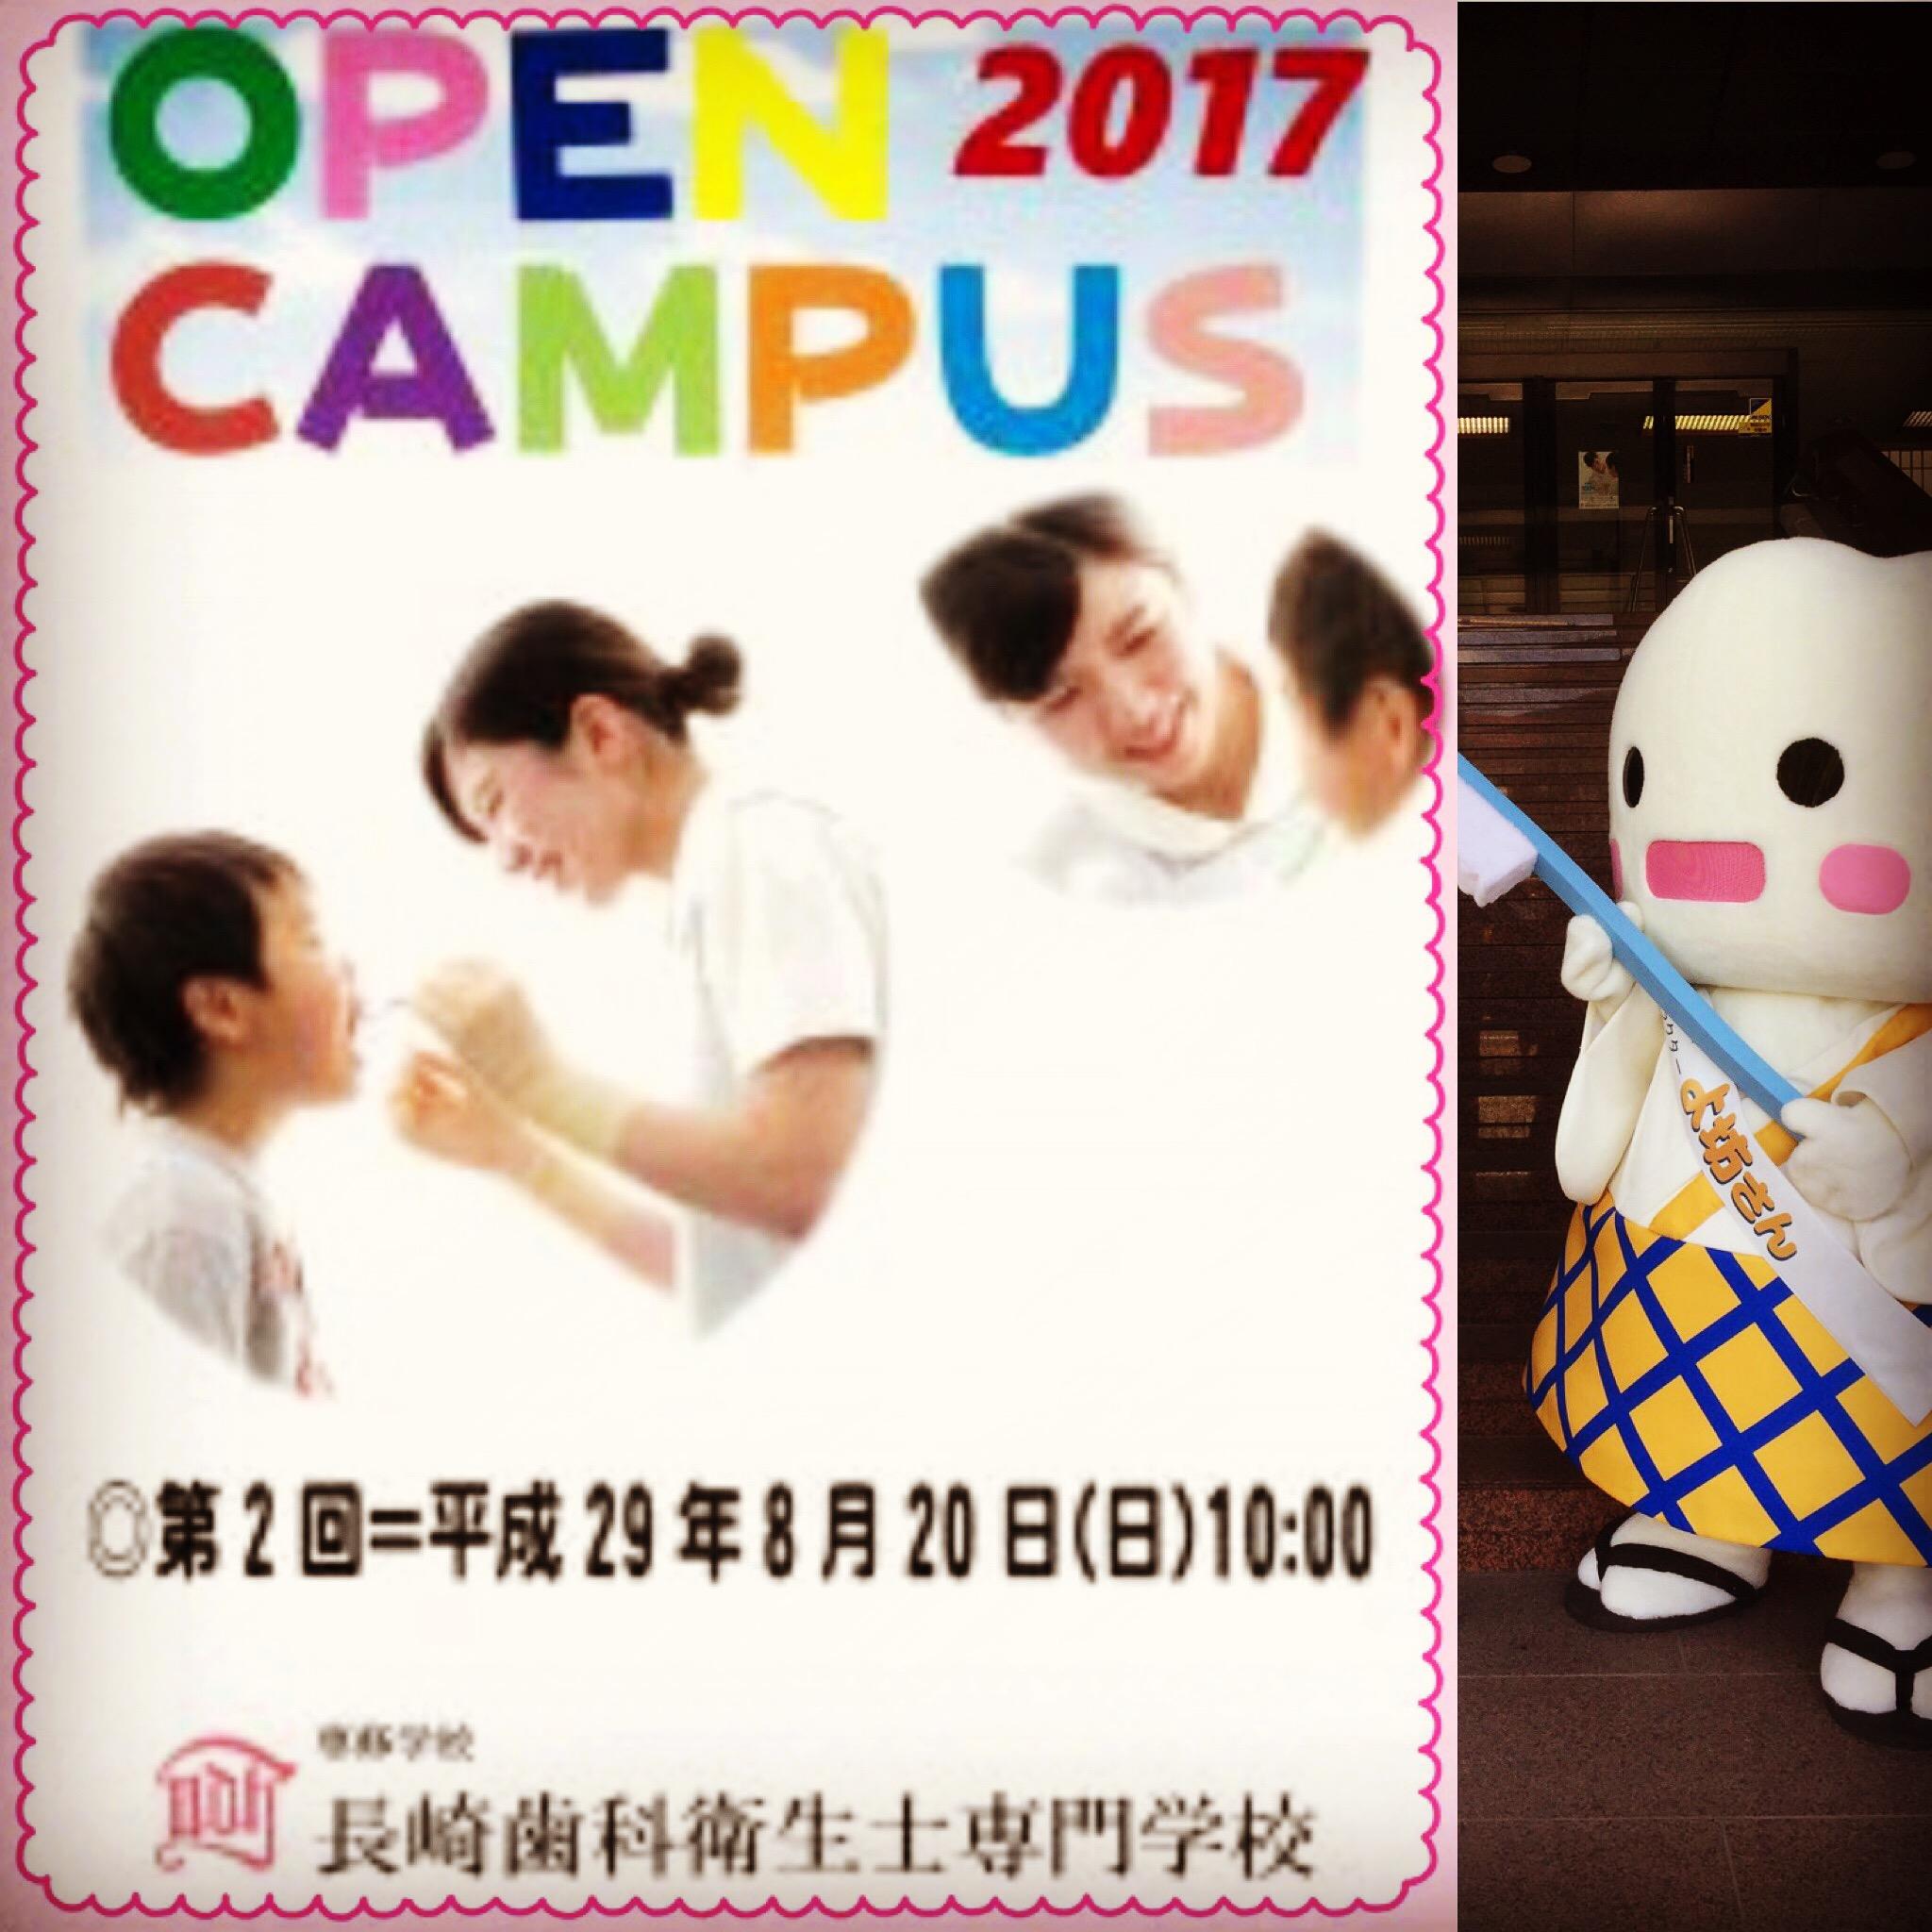 8月20日はオープンキャンパス☆